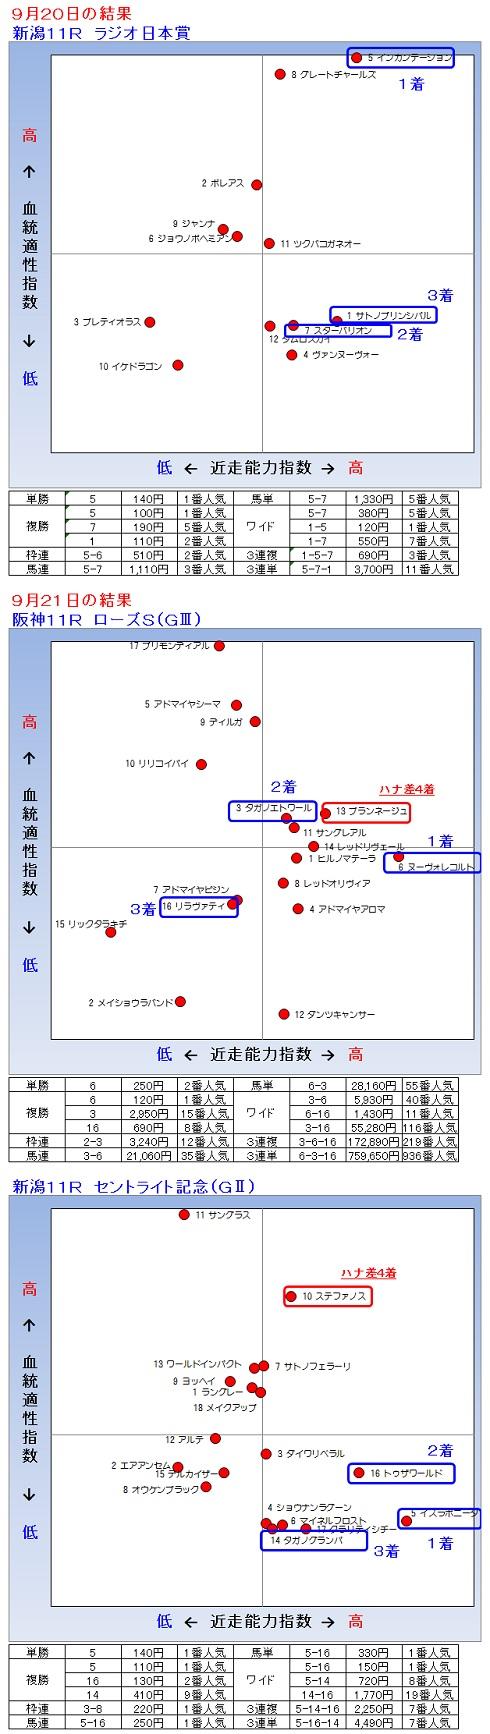 2014-09-2021結果